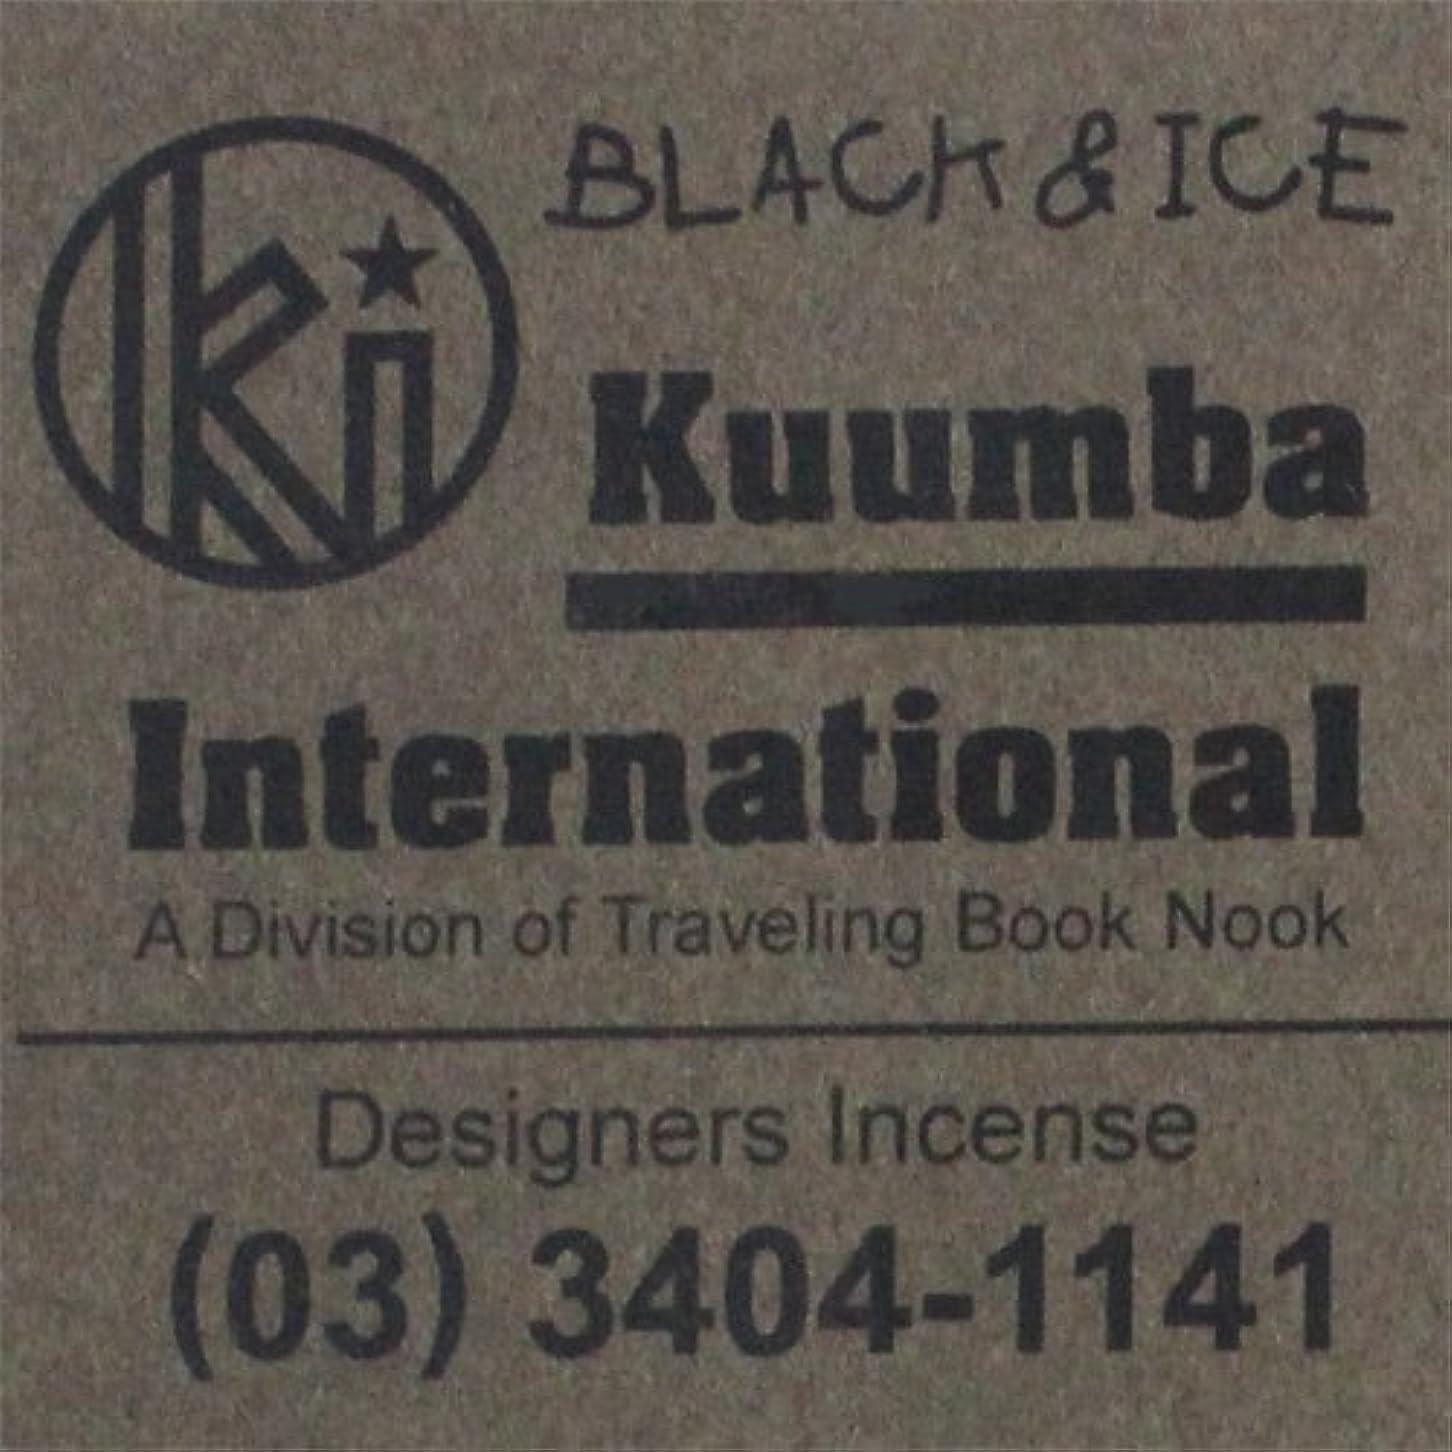 行くシマウマ夏KUUMBA / クンバ『incense』(BLACK&ICE) (Regular size)